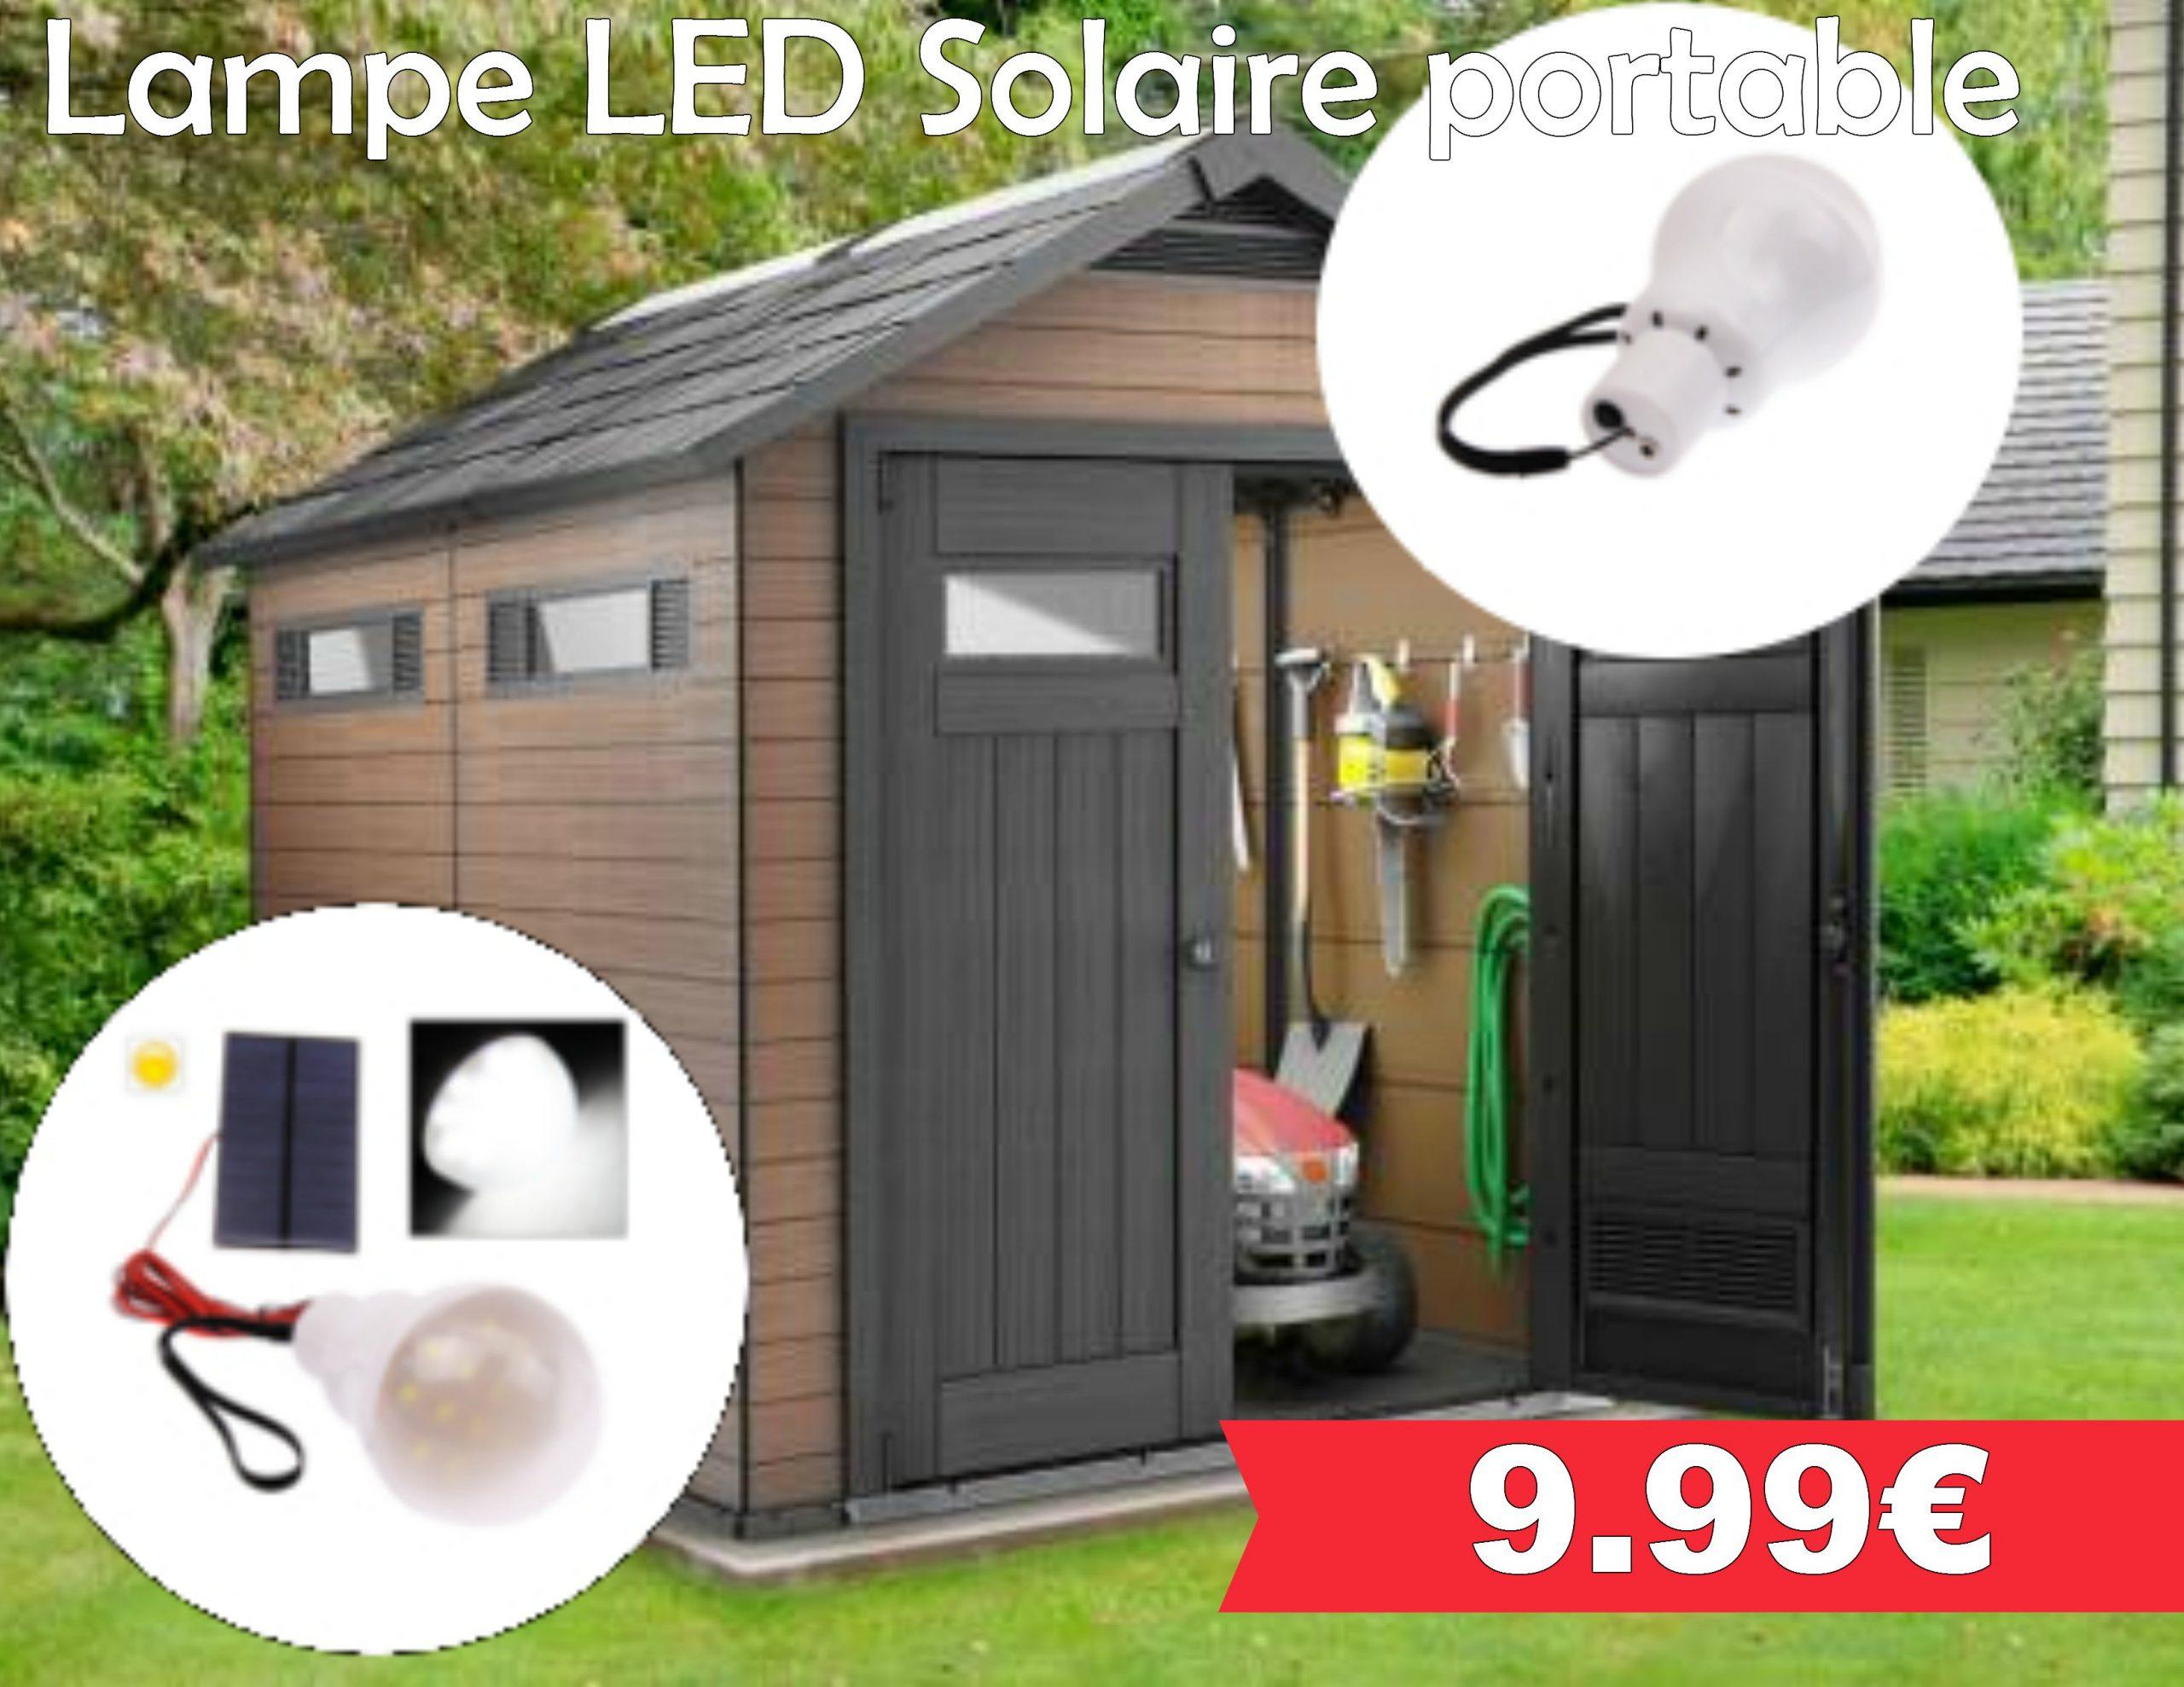 Lampe Led Solaire Portable - Leclerc Pont L'abbé pour Abris De Jardin Leclerc